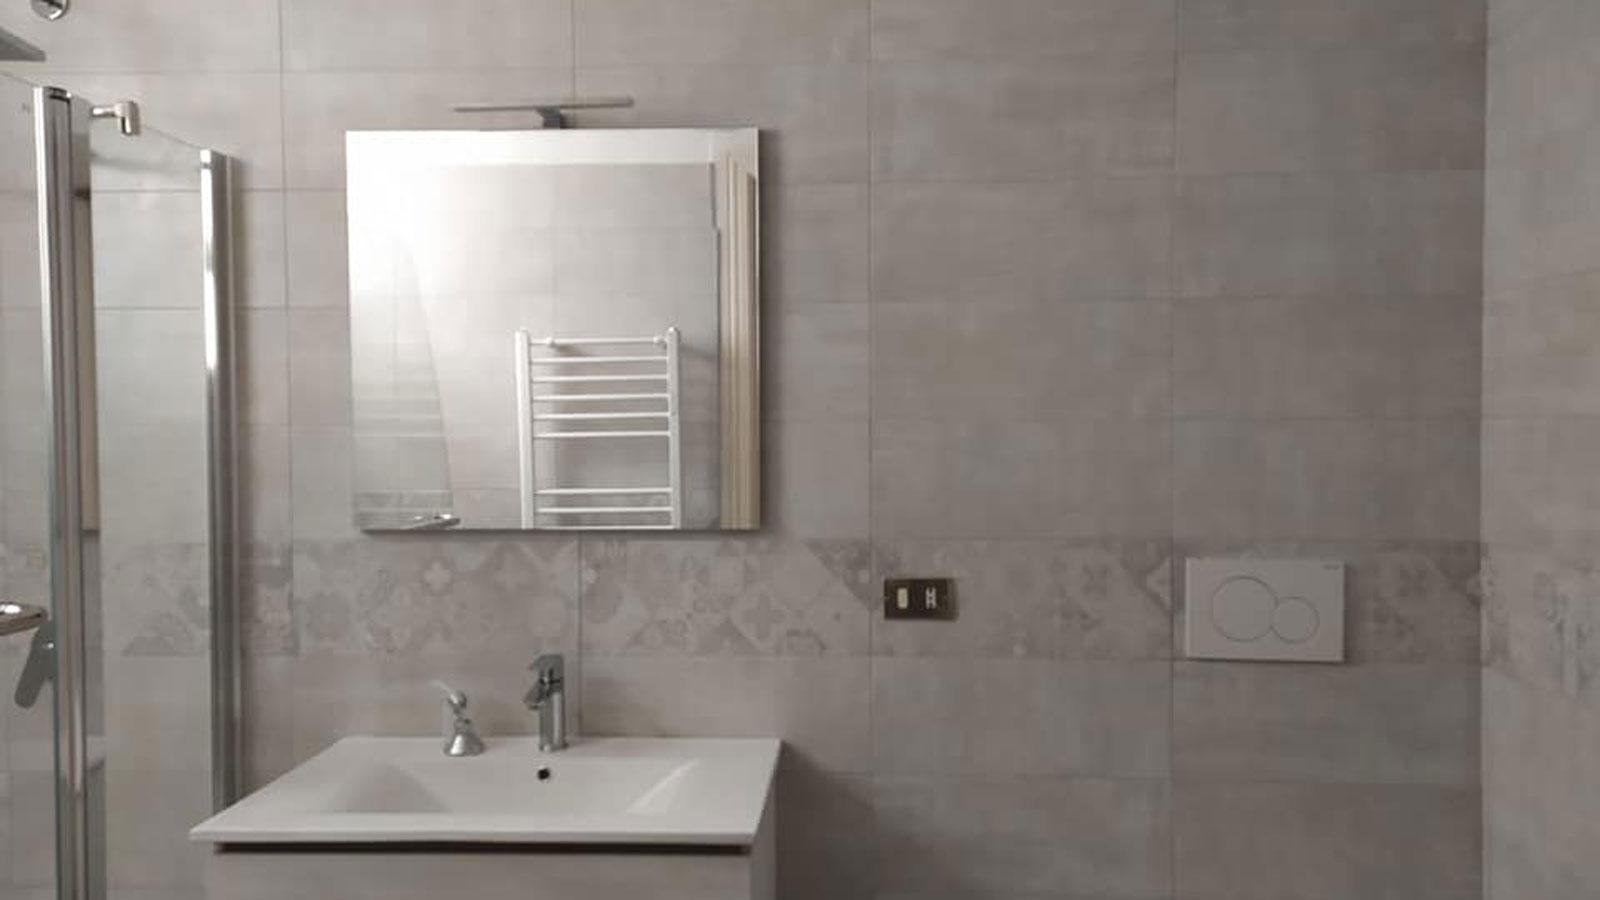 edilizia-ventrella-arredamento-per-il-bagno-rubinetteria-